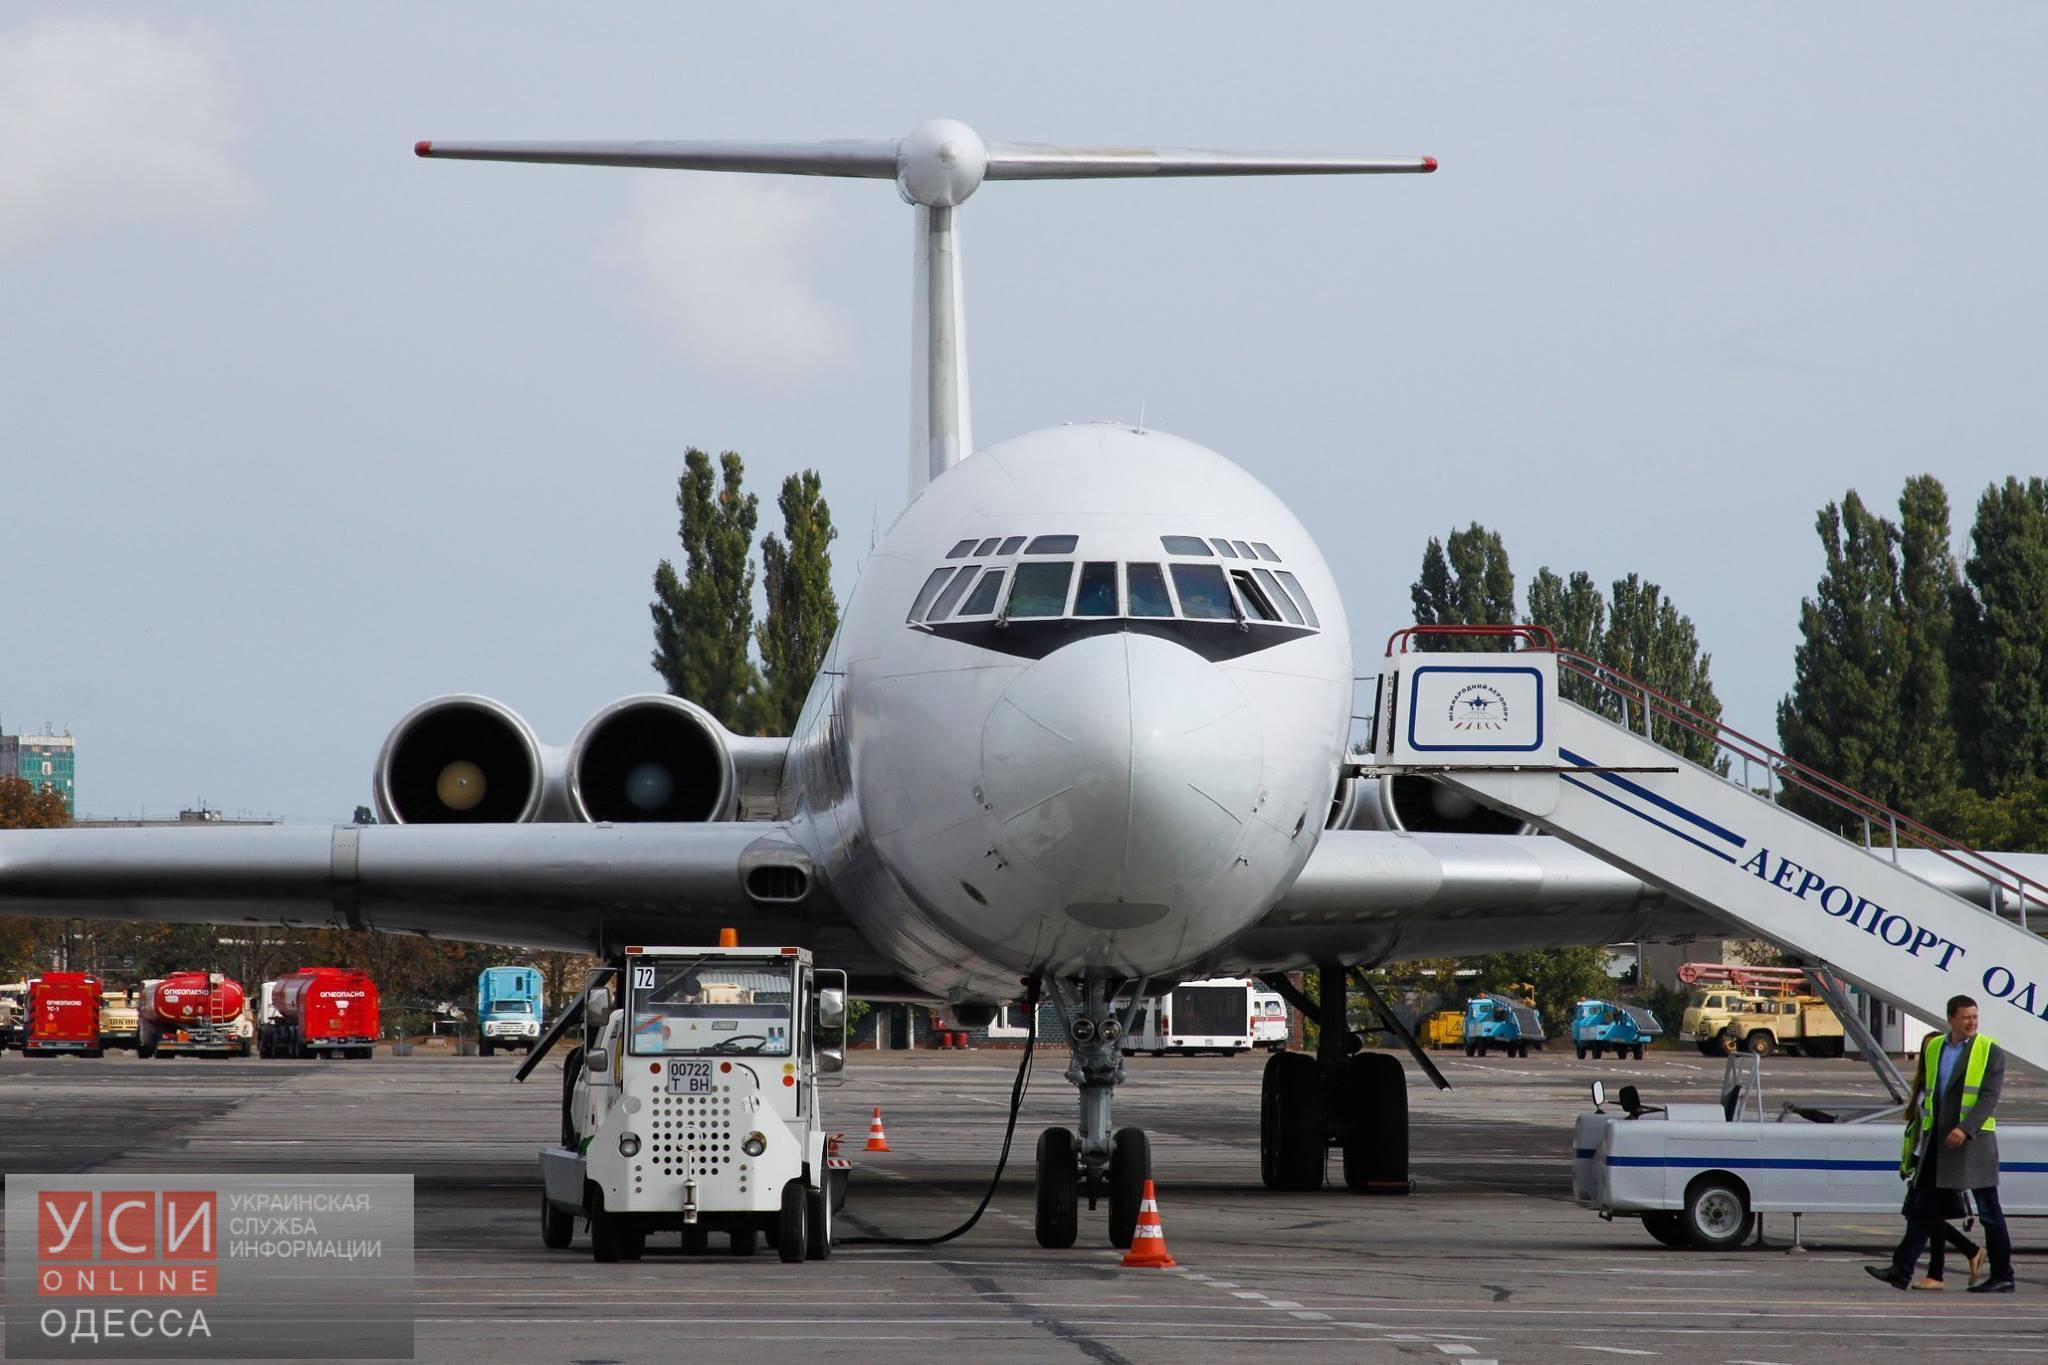 Из-за учений Минобороны закрыли воздушное пространство одесского аэропорта